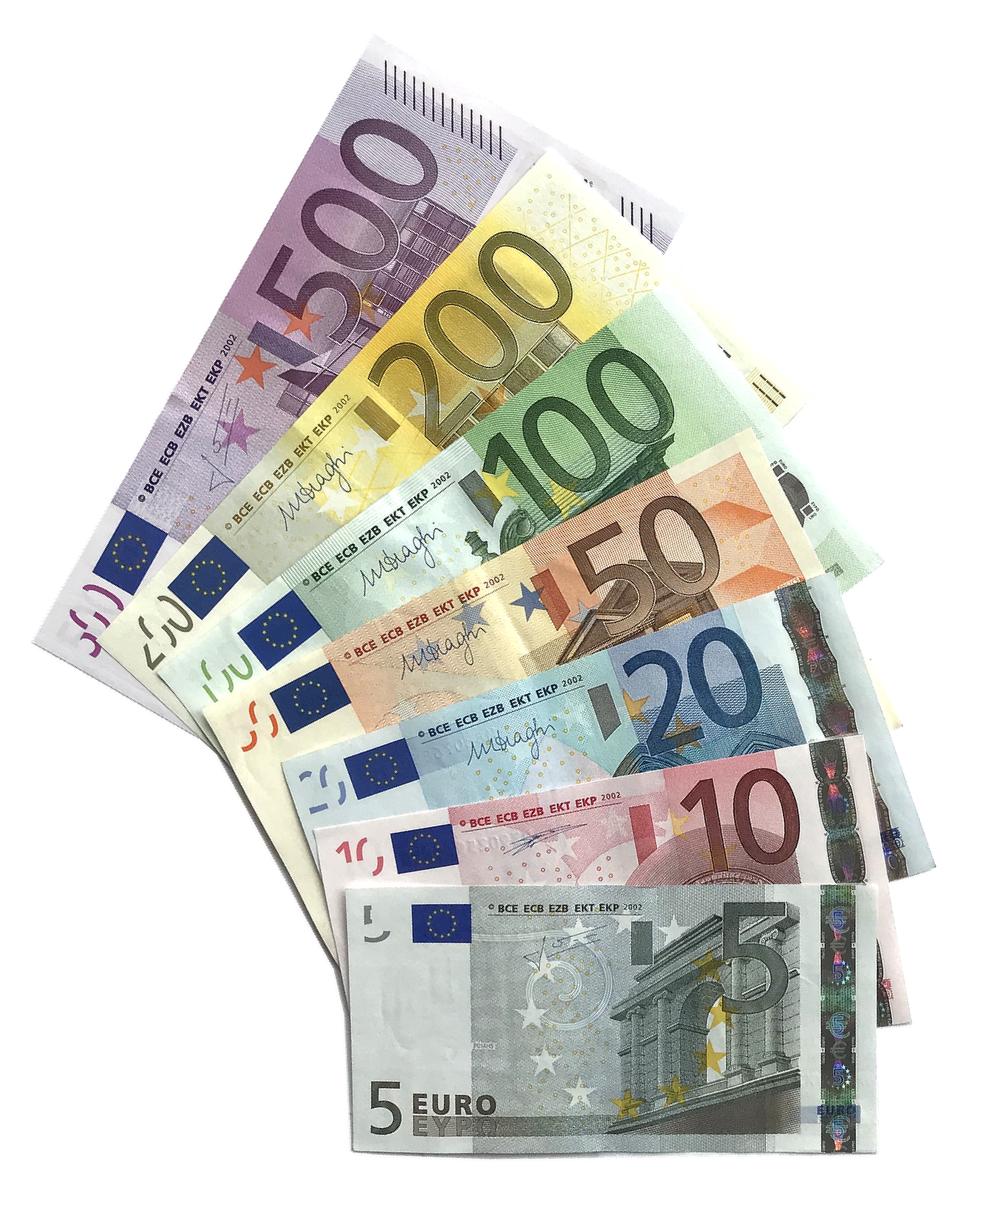 5 Mio Verlust durch Anlage bei Greensill Bank – Kommentar B90/die GRÜNEN